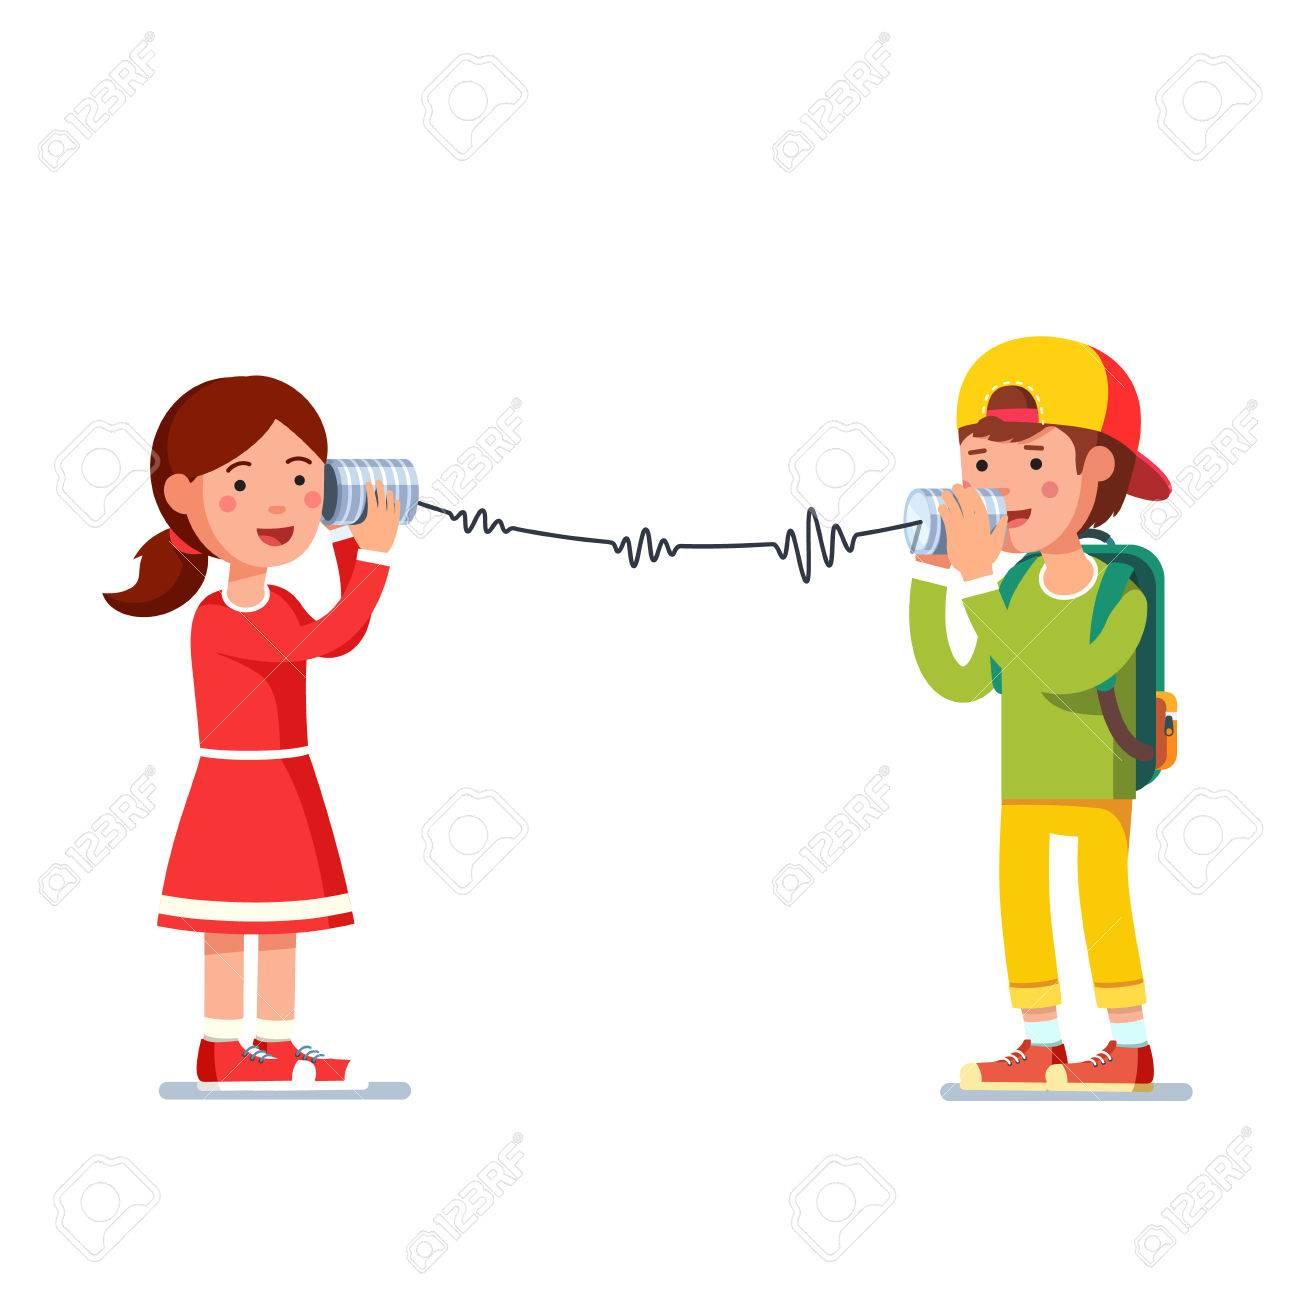 Kinder Mädchen Und Junge Reden über Verdrahtete Blechdosen Telefon ...